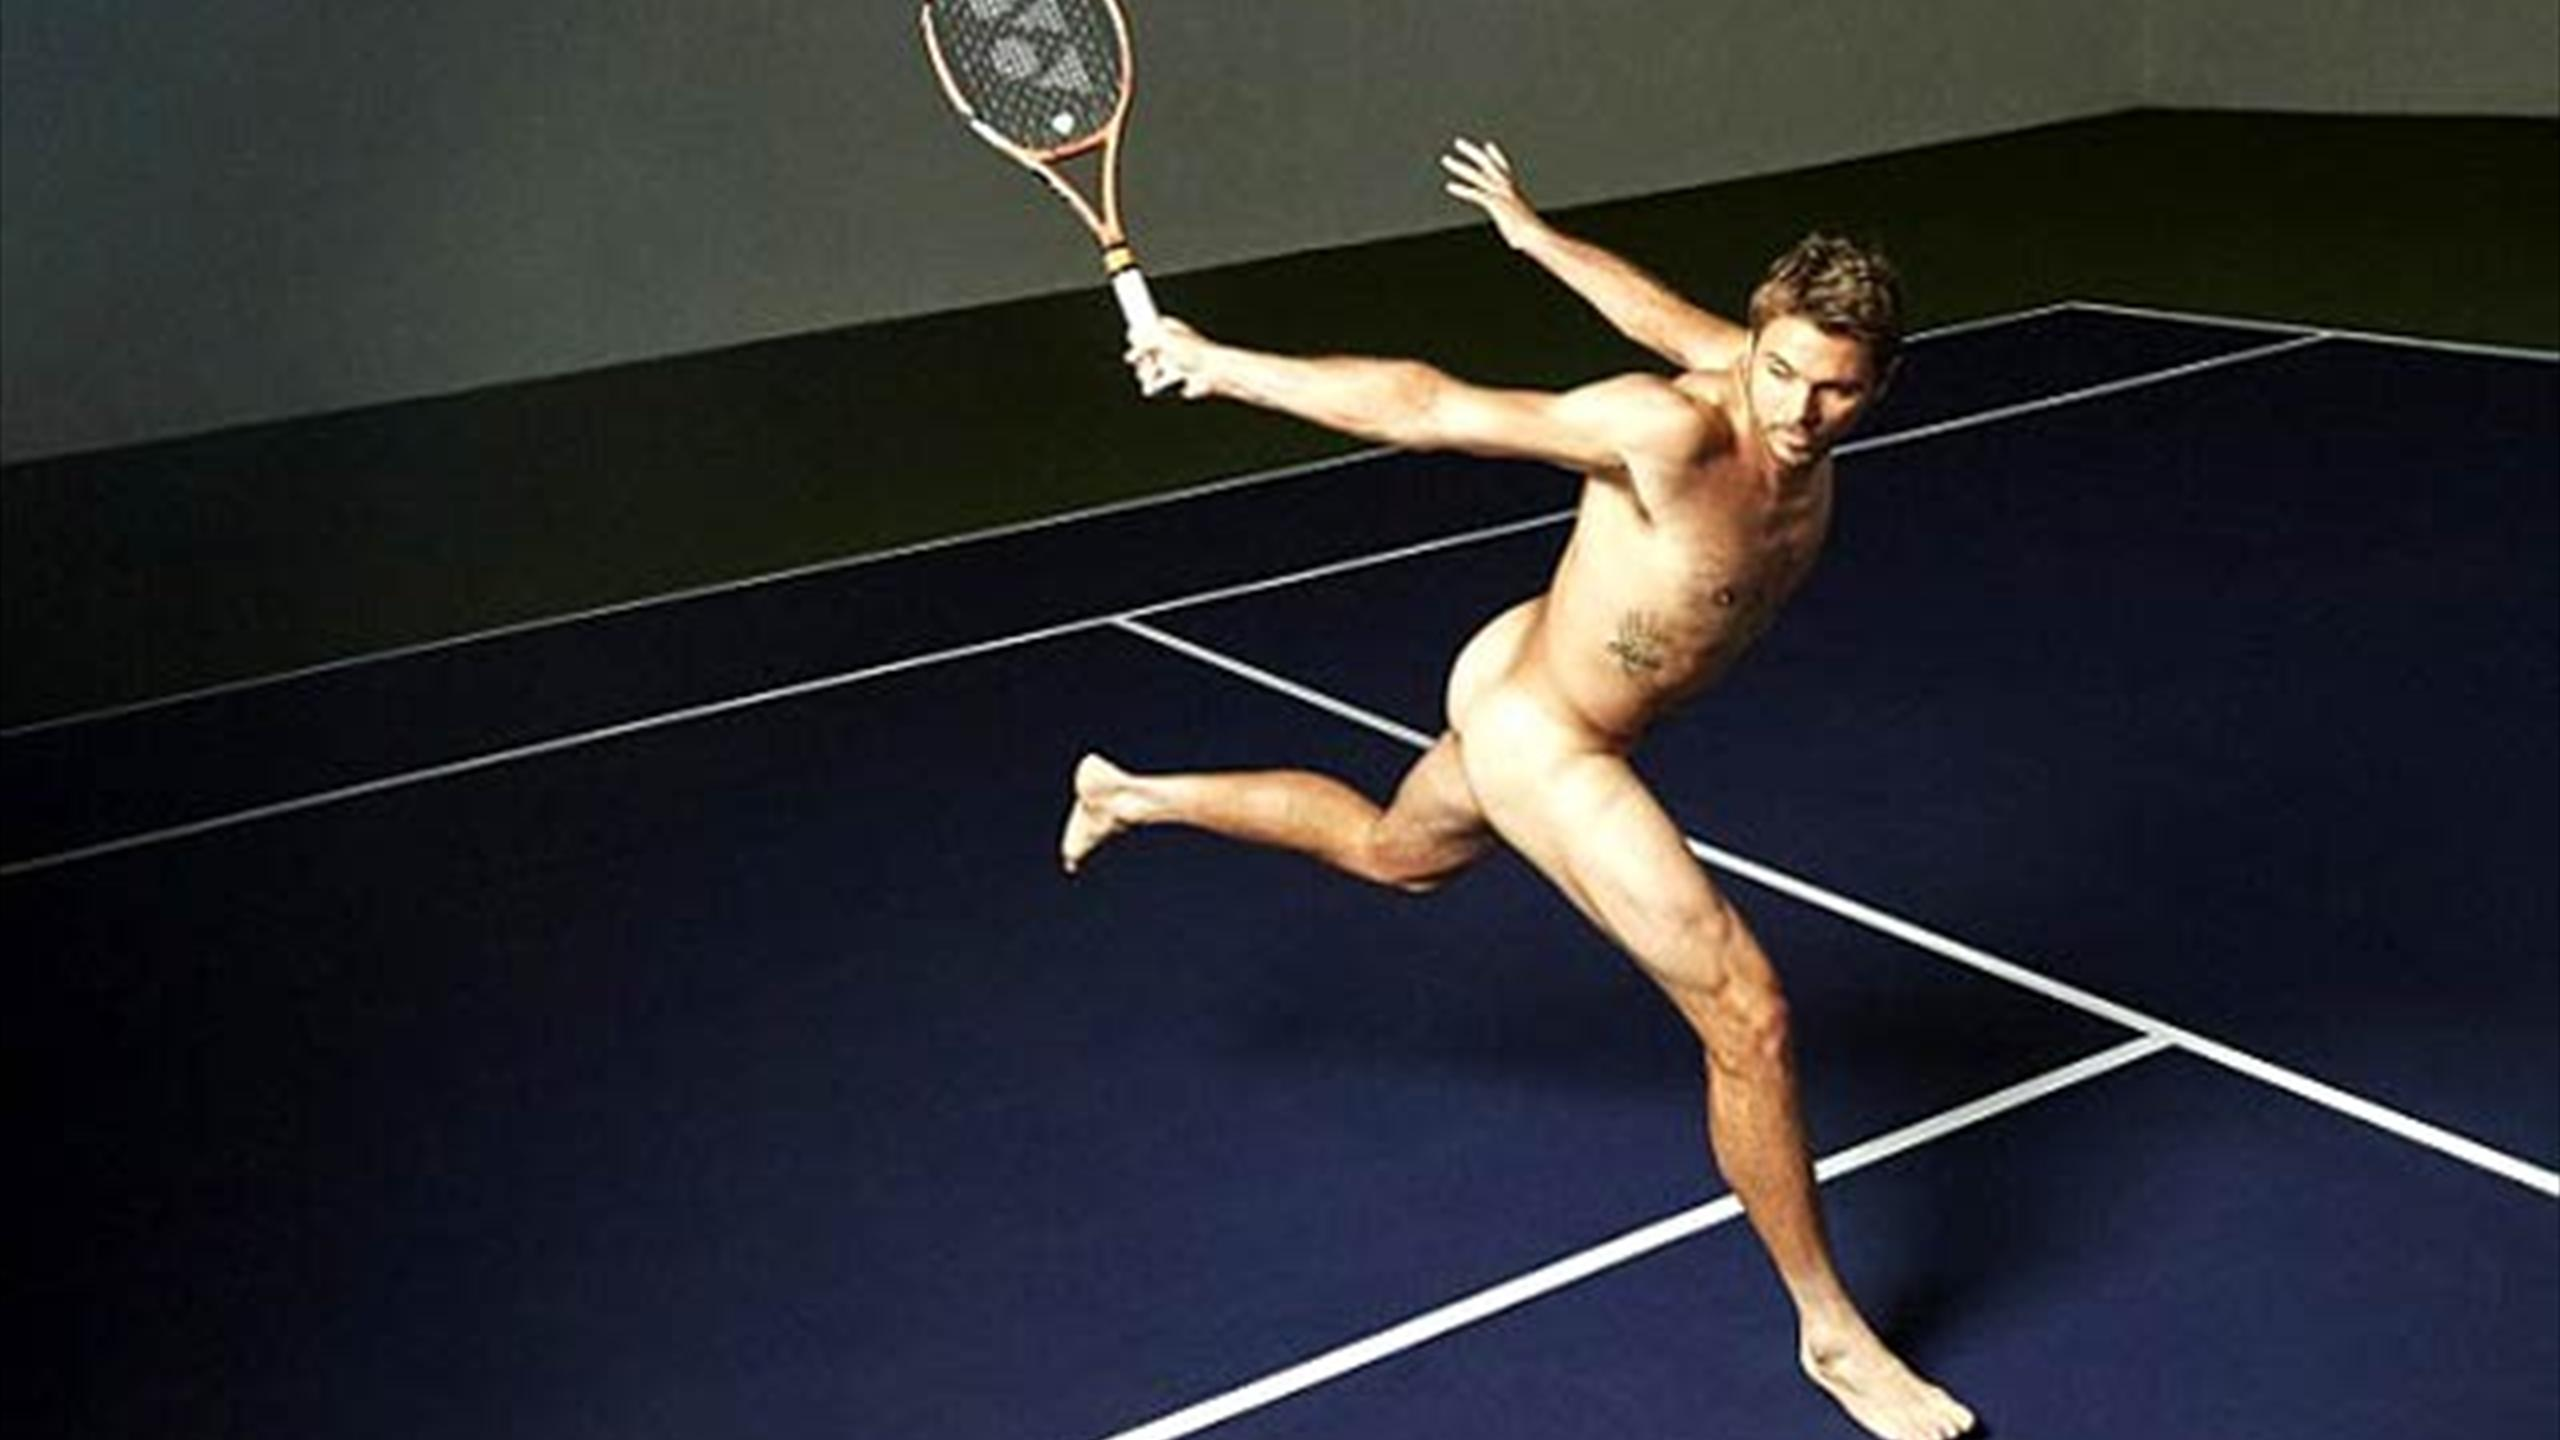 Stan Wawrinka posing in ESPN's 'The Body' issue